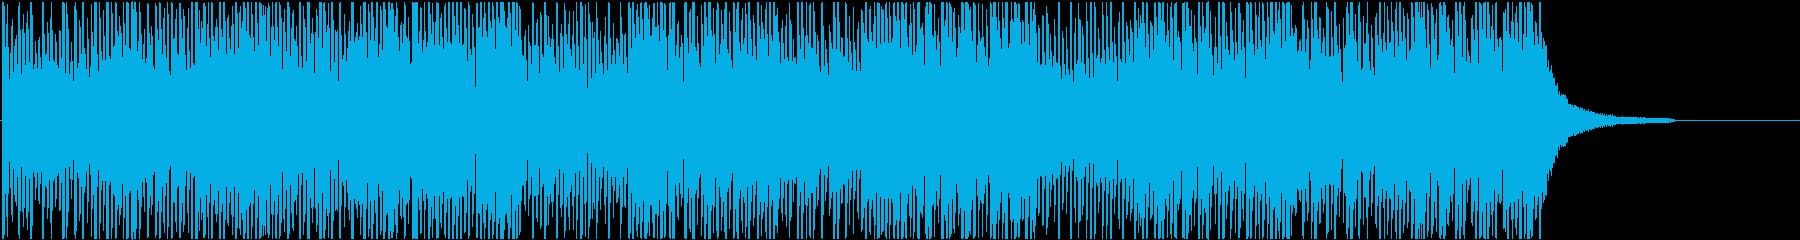 News7 16bit44kHzVerの再生済みの波形